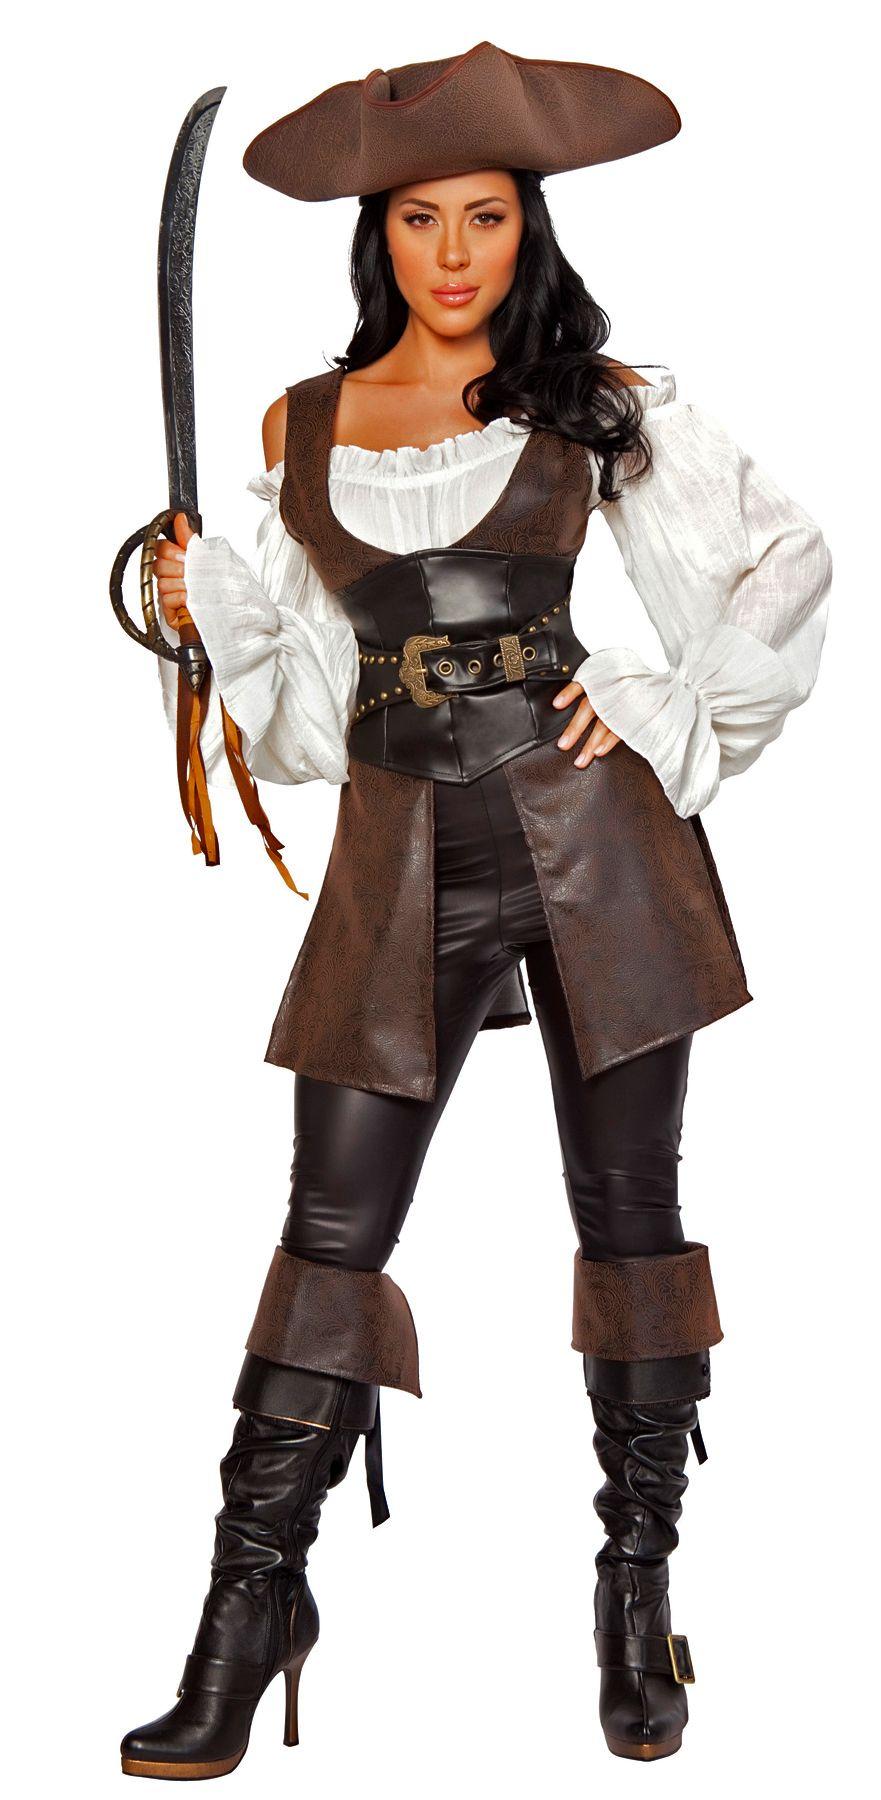 swashbuckler pirate costume - Pirate Halloween Costumes Women